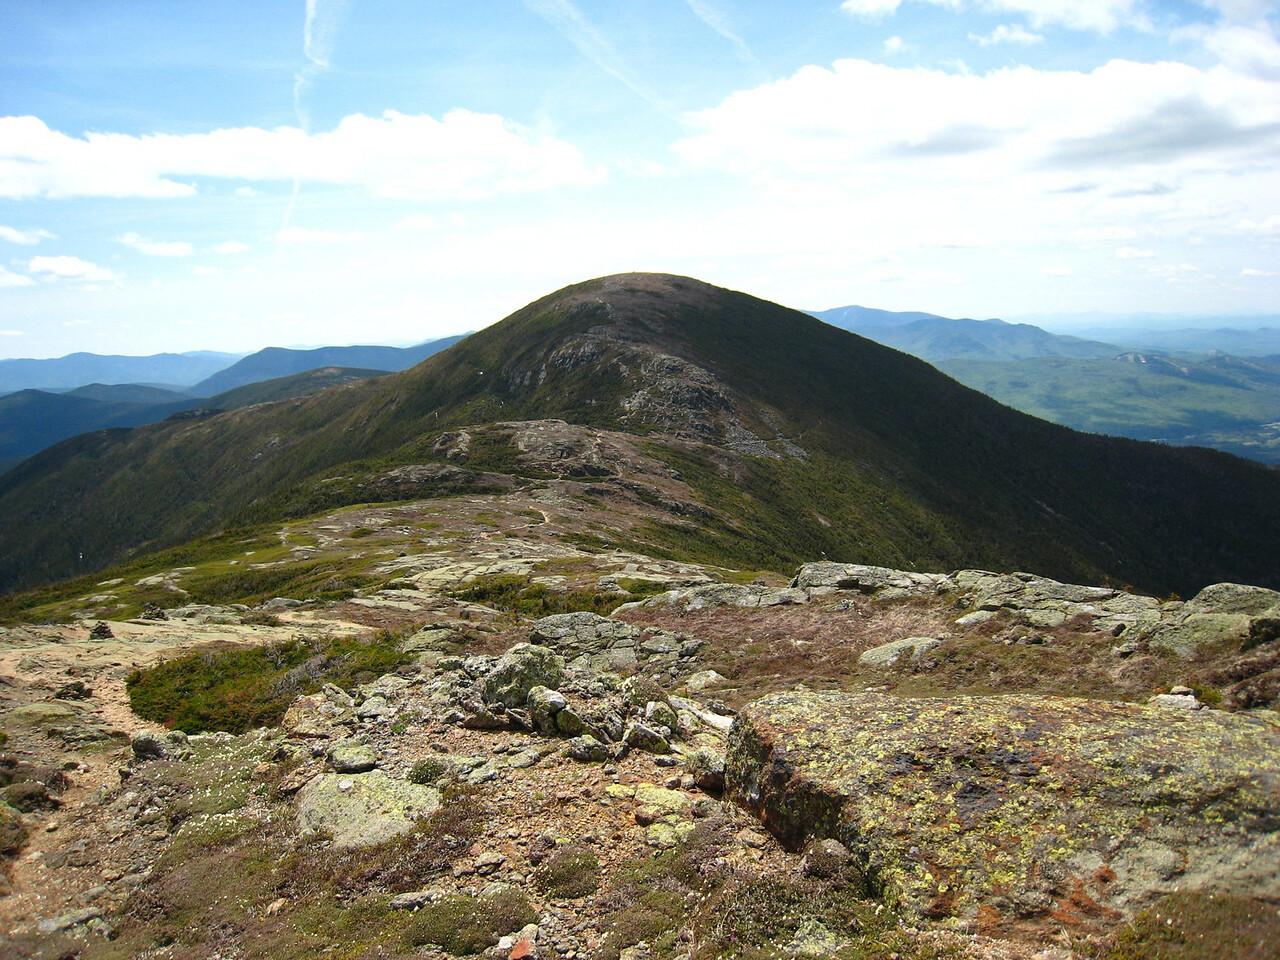 Looking Back at Mt. Ignatius